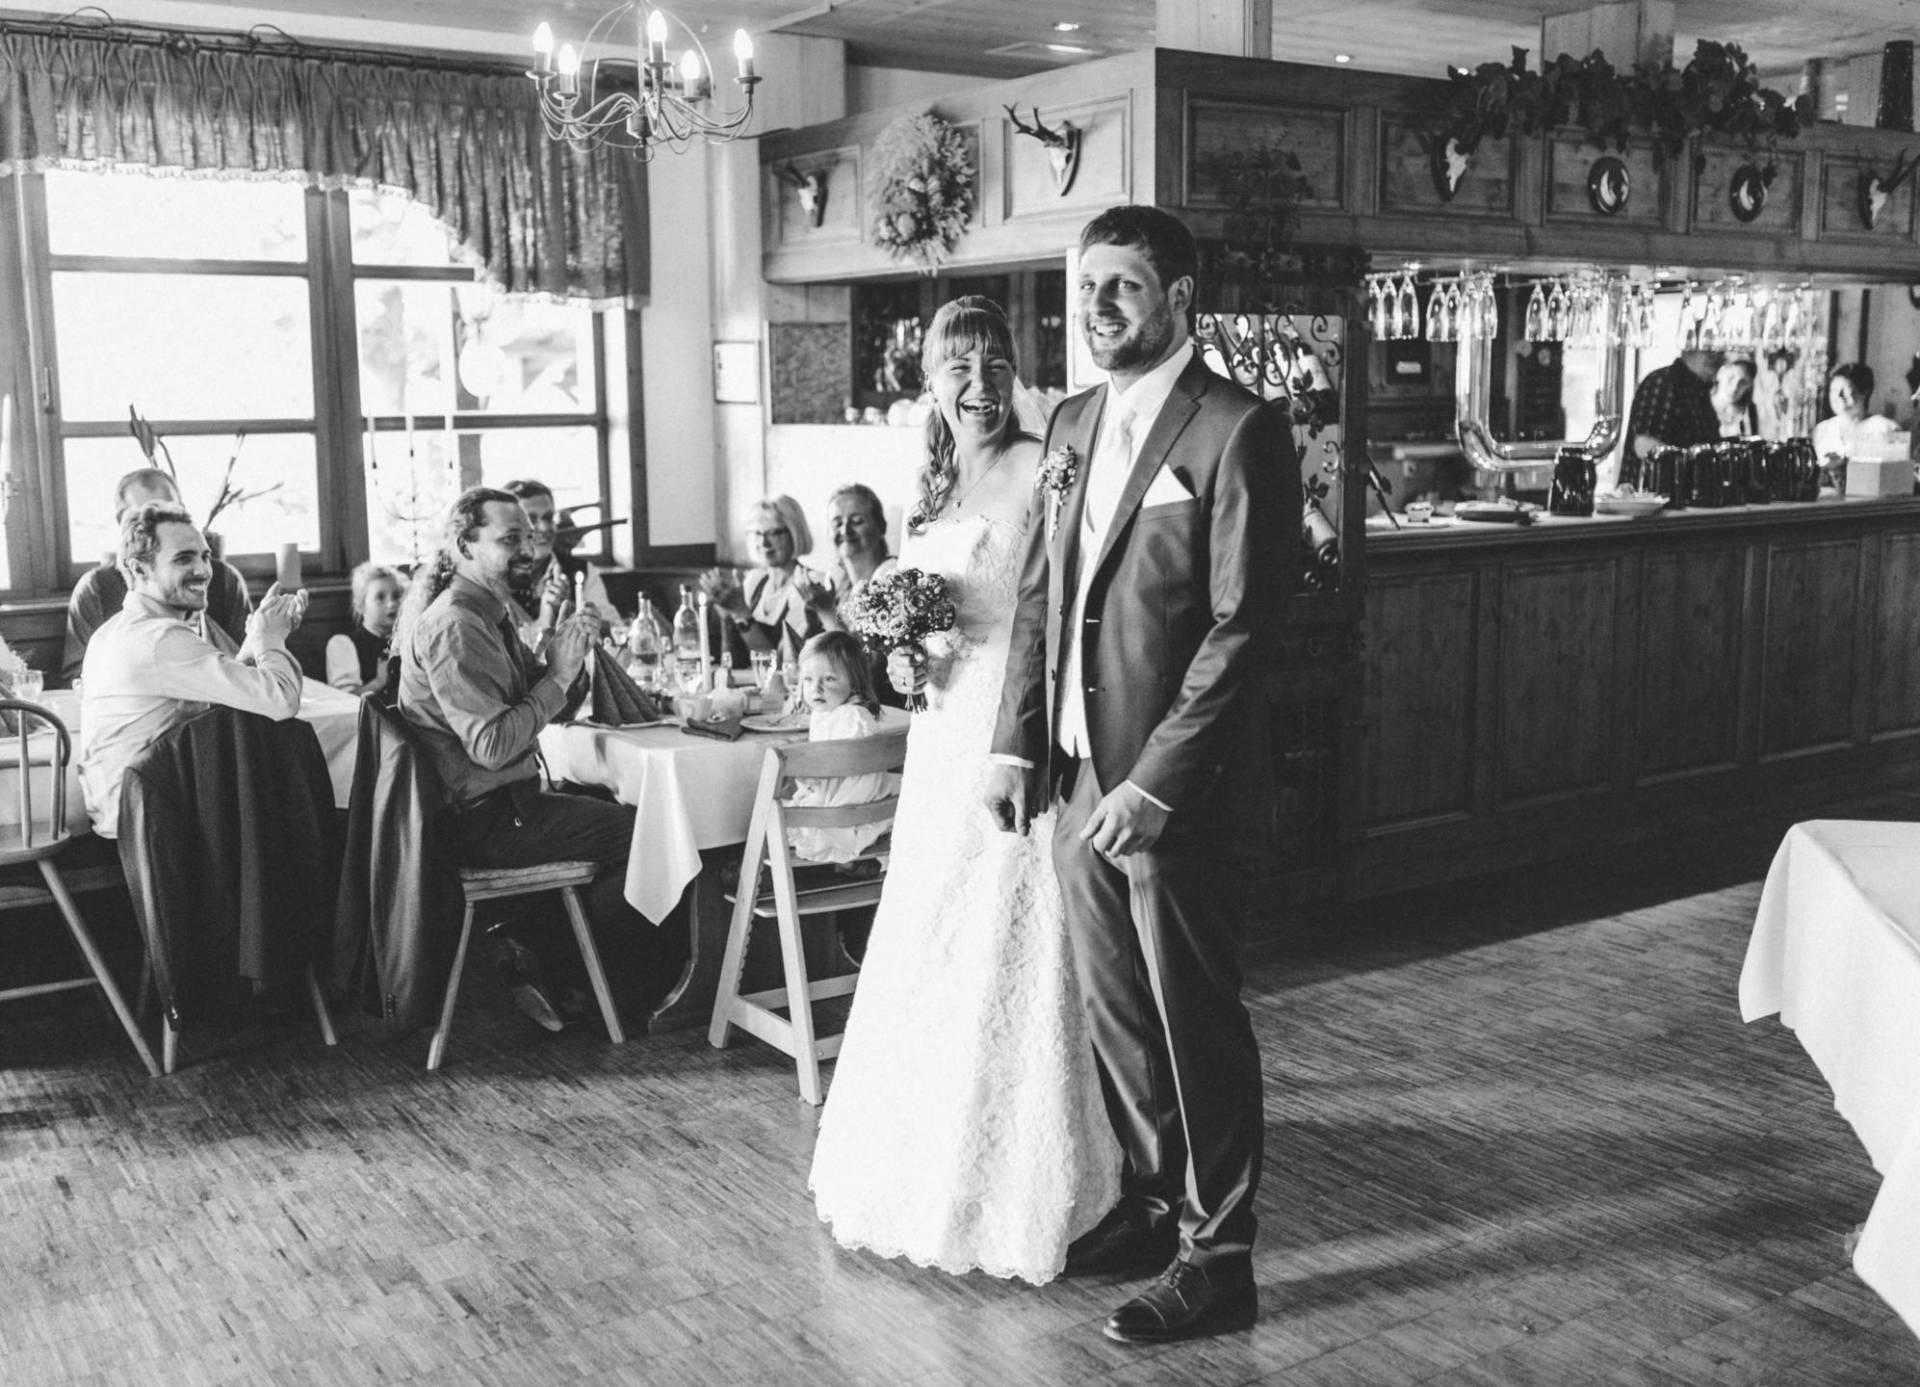 Bayrische Hochzeit 36 - Bayrische Jagdhüttenhochzeit in Thüringen